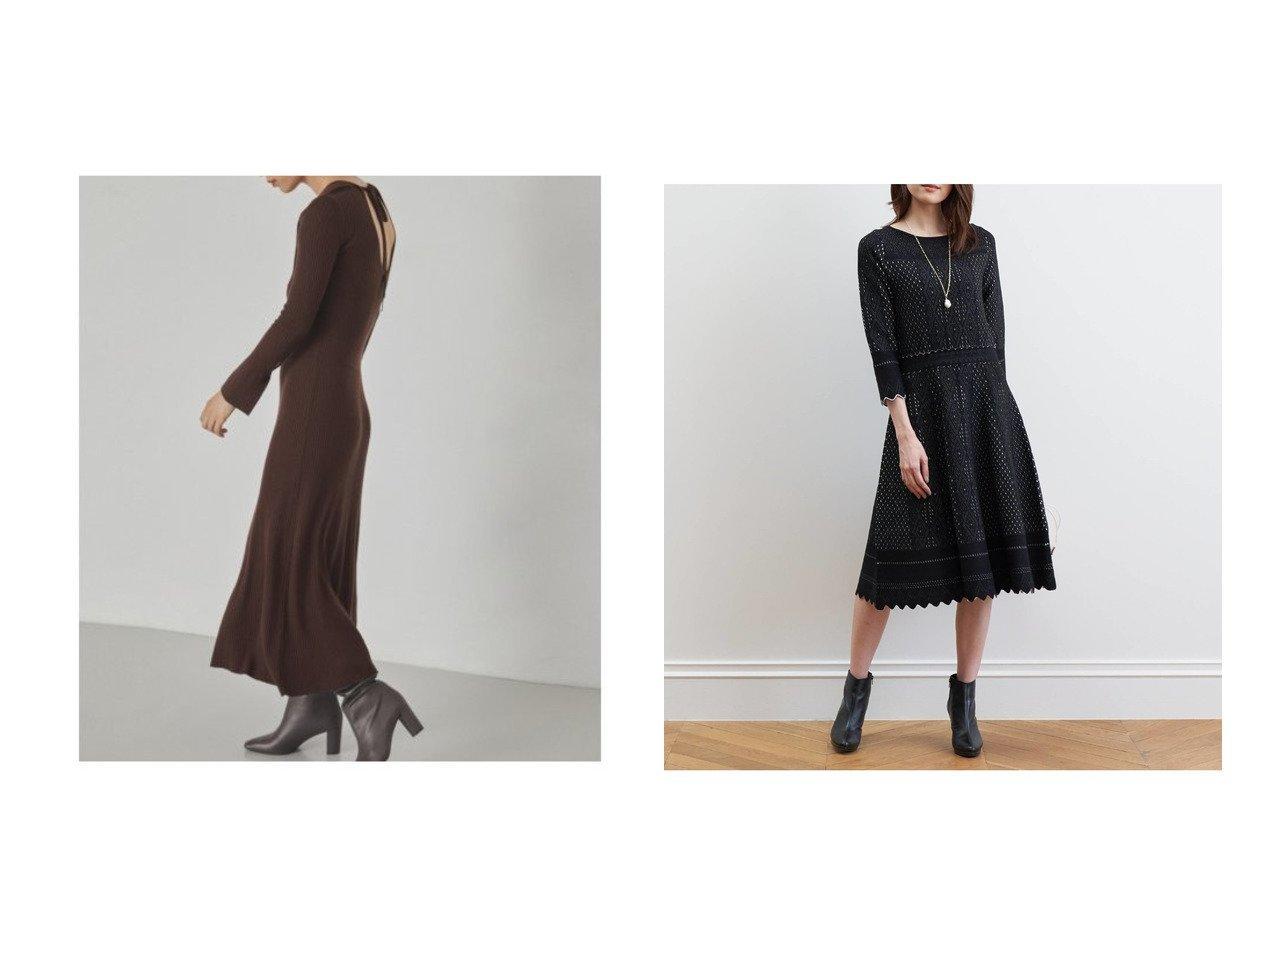 【FRAY I.D/フレイ アイディー】のコルセットリブニットワンピ&【ANAYI/アナイ】のバイカラーレースジャガードフレアワンピース ワンピース・ドレスのおすすめ!人気、レディースファッションの通販  おすすめで人気のファッション通販商品 インテリア・家具・キッズファッション・メンズファッション・レディースファッション・服の通販 founy(ファニー) https://founy.com/ ファッション Fashion レディース WOMEN ワンピース Dress ニットワンピース Knit Dresses コルセット コンシャス スマート ドレス フレア リボン イヤリング シェイプ ジャケット ストレッチ フィット ボトム  ID:crp329100000003352